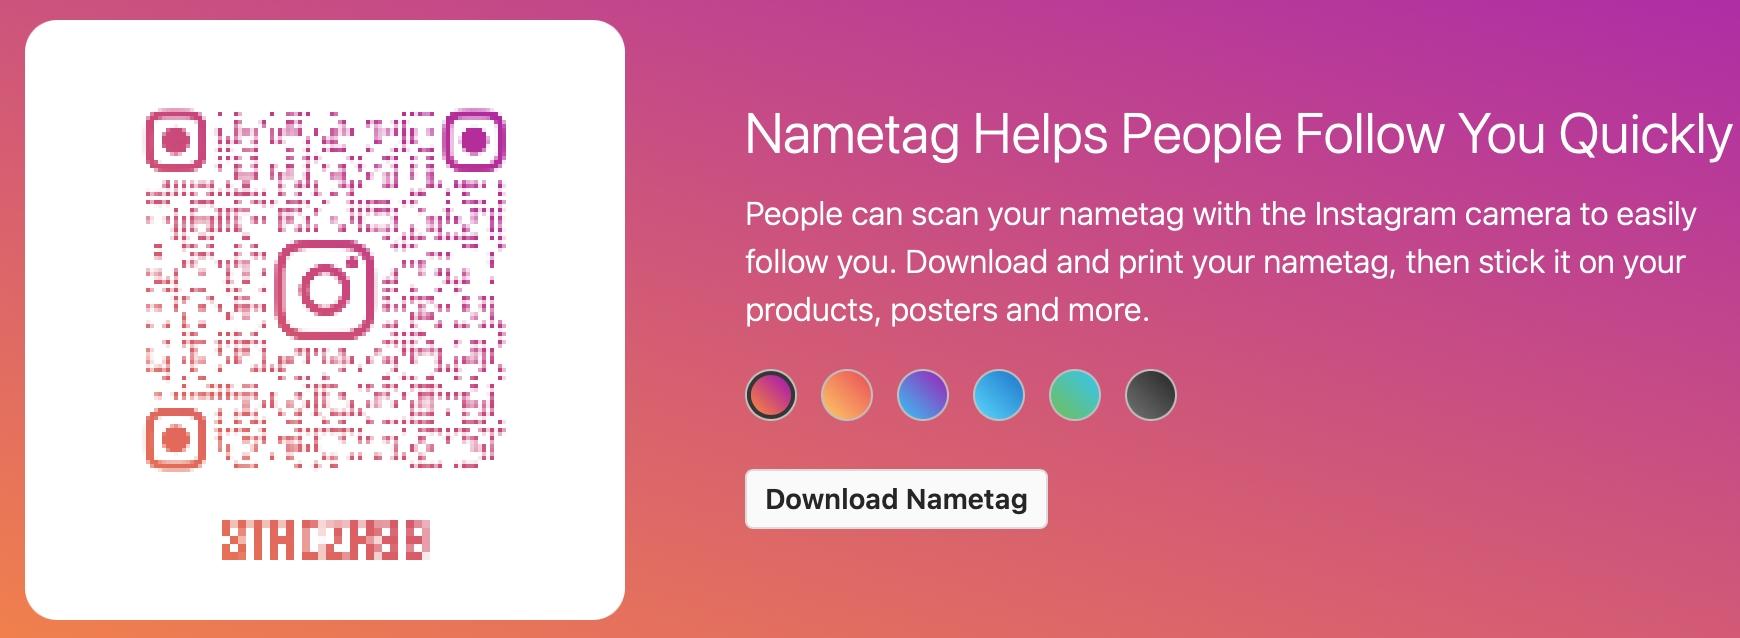 Instagram Create Nametag Online